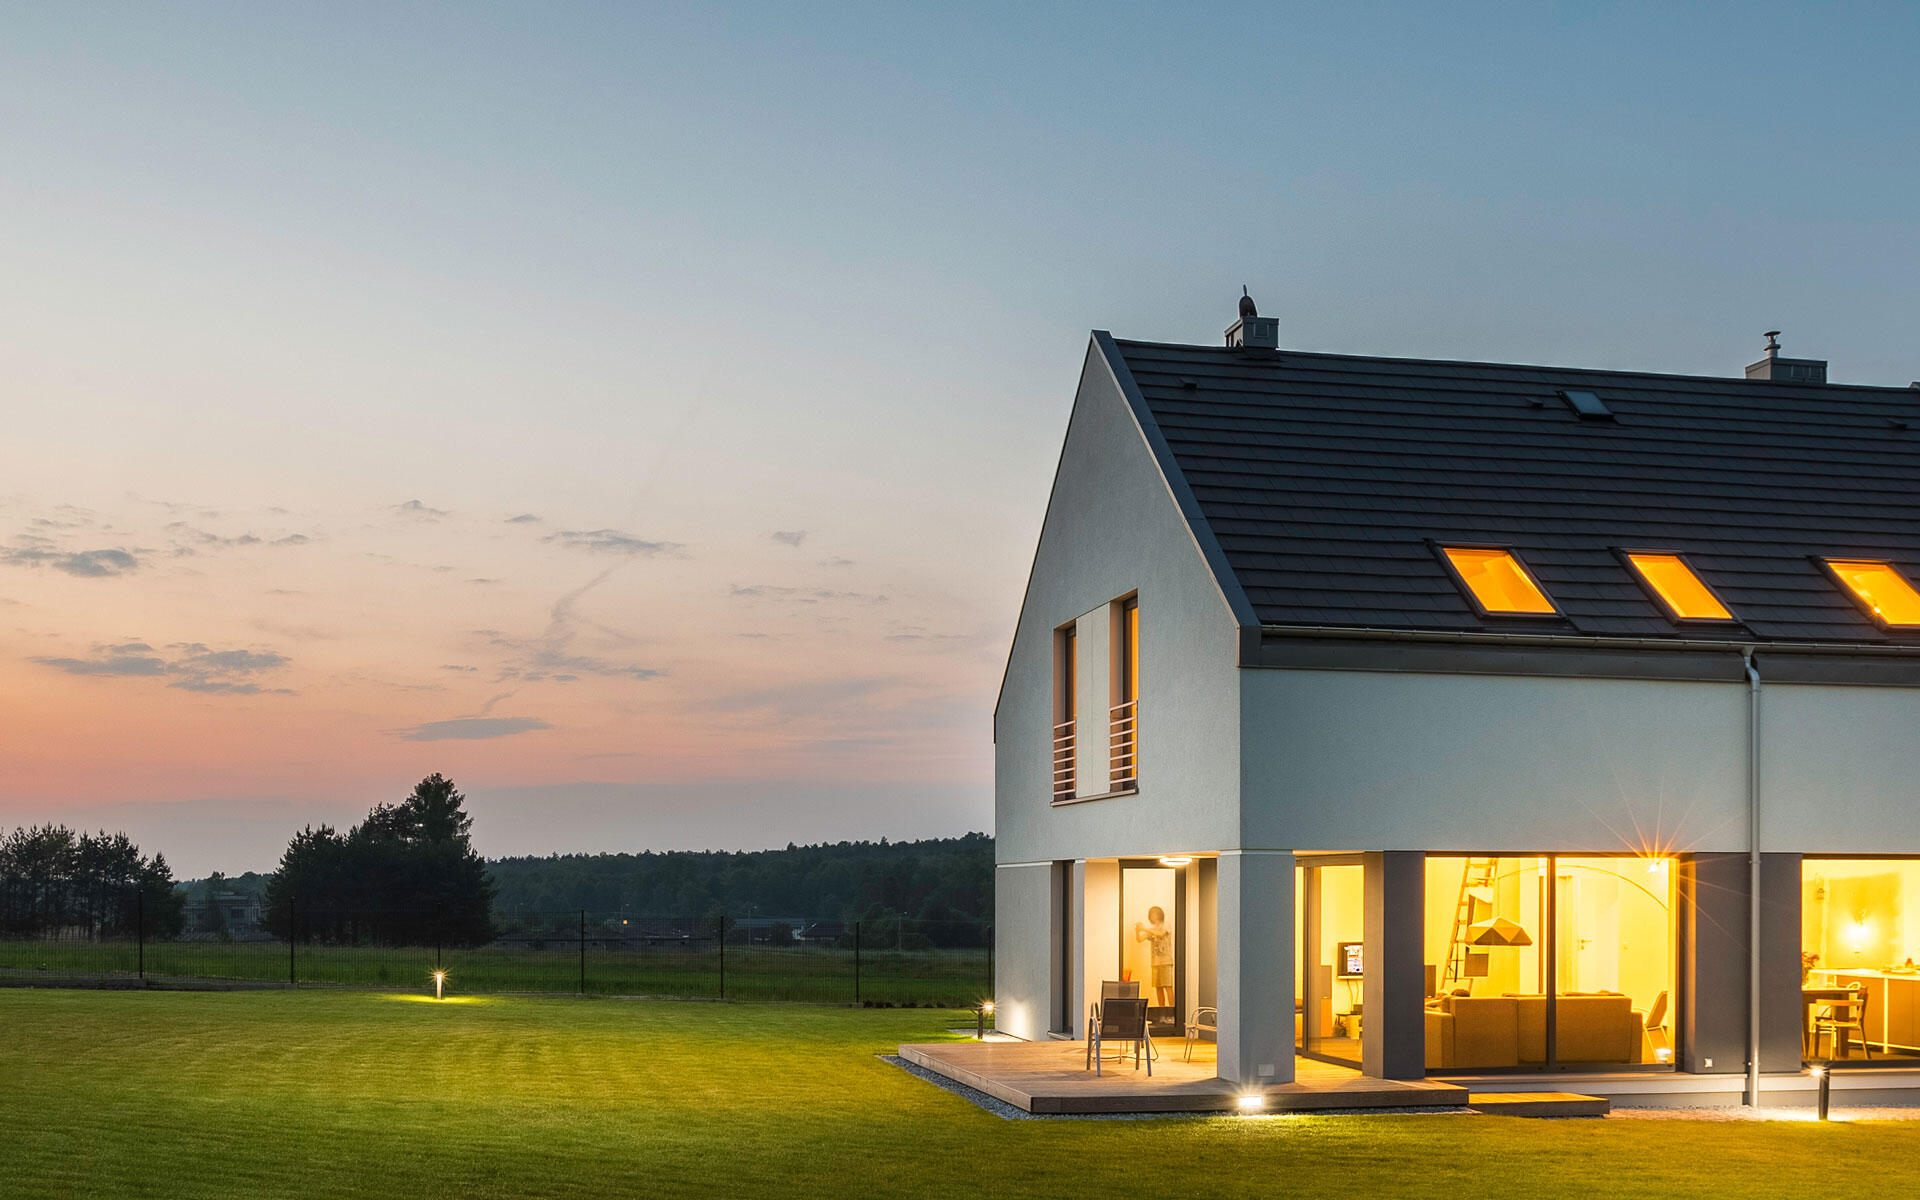 kwh preis berechnen gas heizkosten berechnen. Black Bedroom Furniture Sets. Home Design Ideas